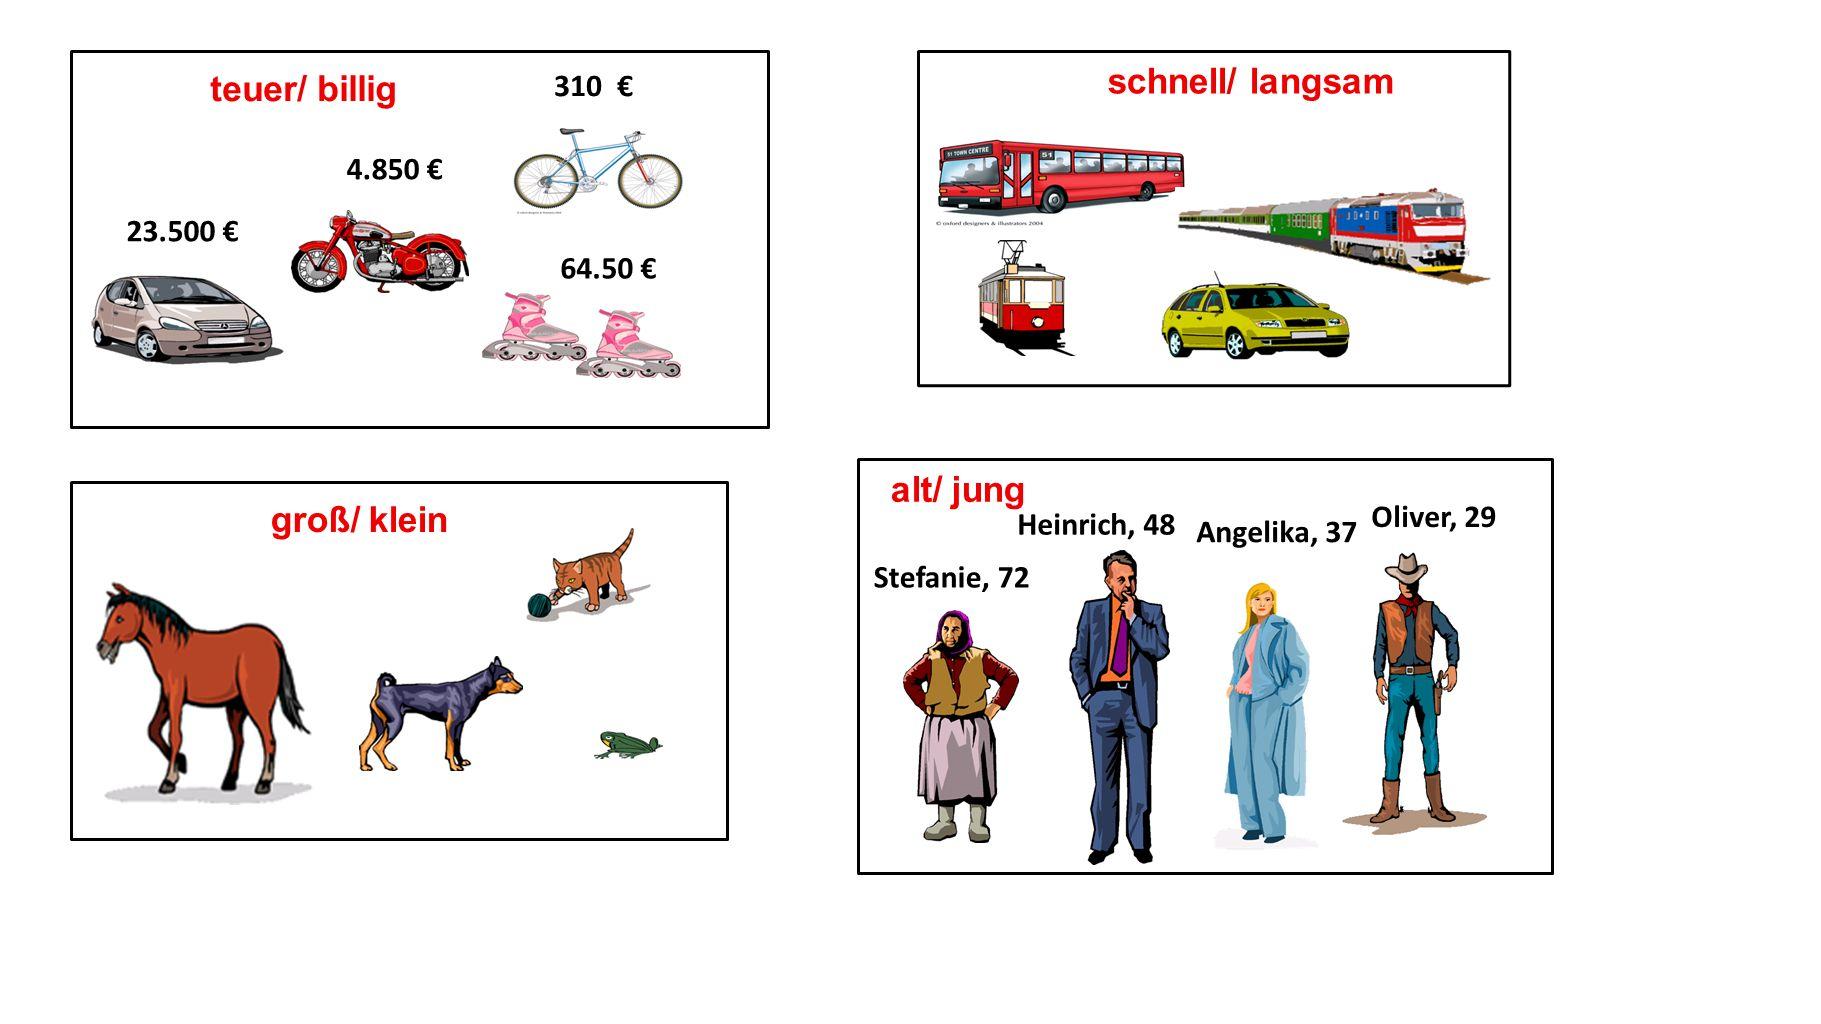 schnell/ langsam groß/ klein alt/ jung Stefanie, 72 Heinrich, 48 Angelika, 37 Oliver, 29 23.500 4.850 64.50 310 teuer/ billig